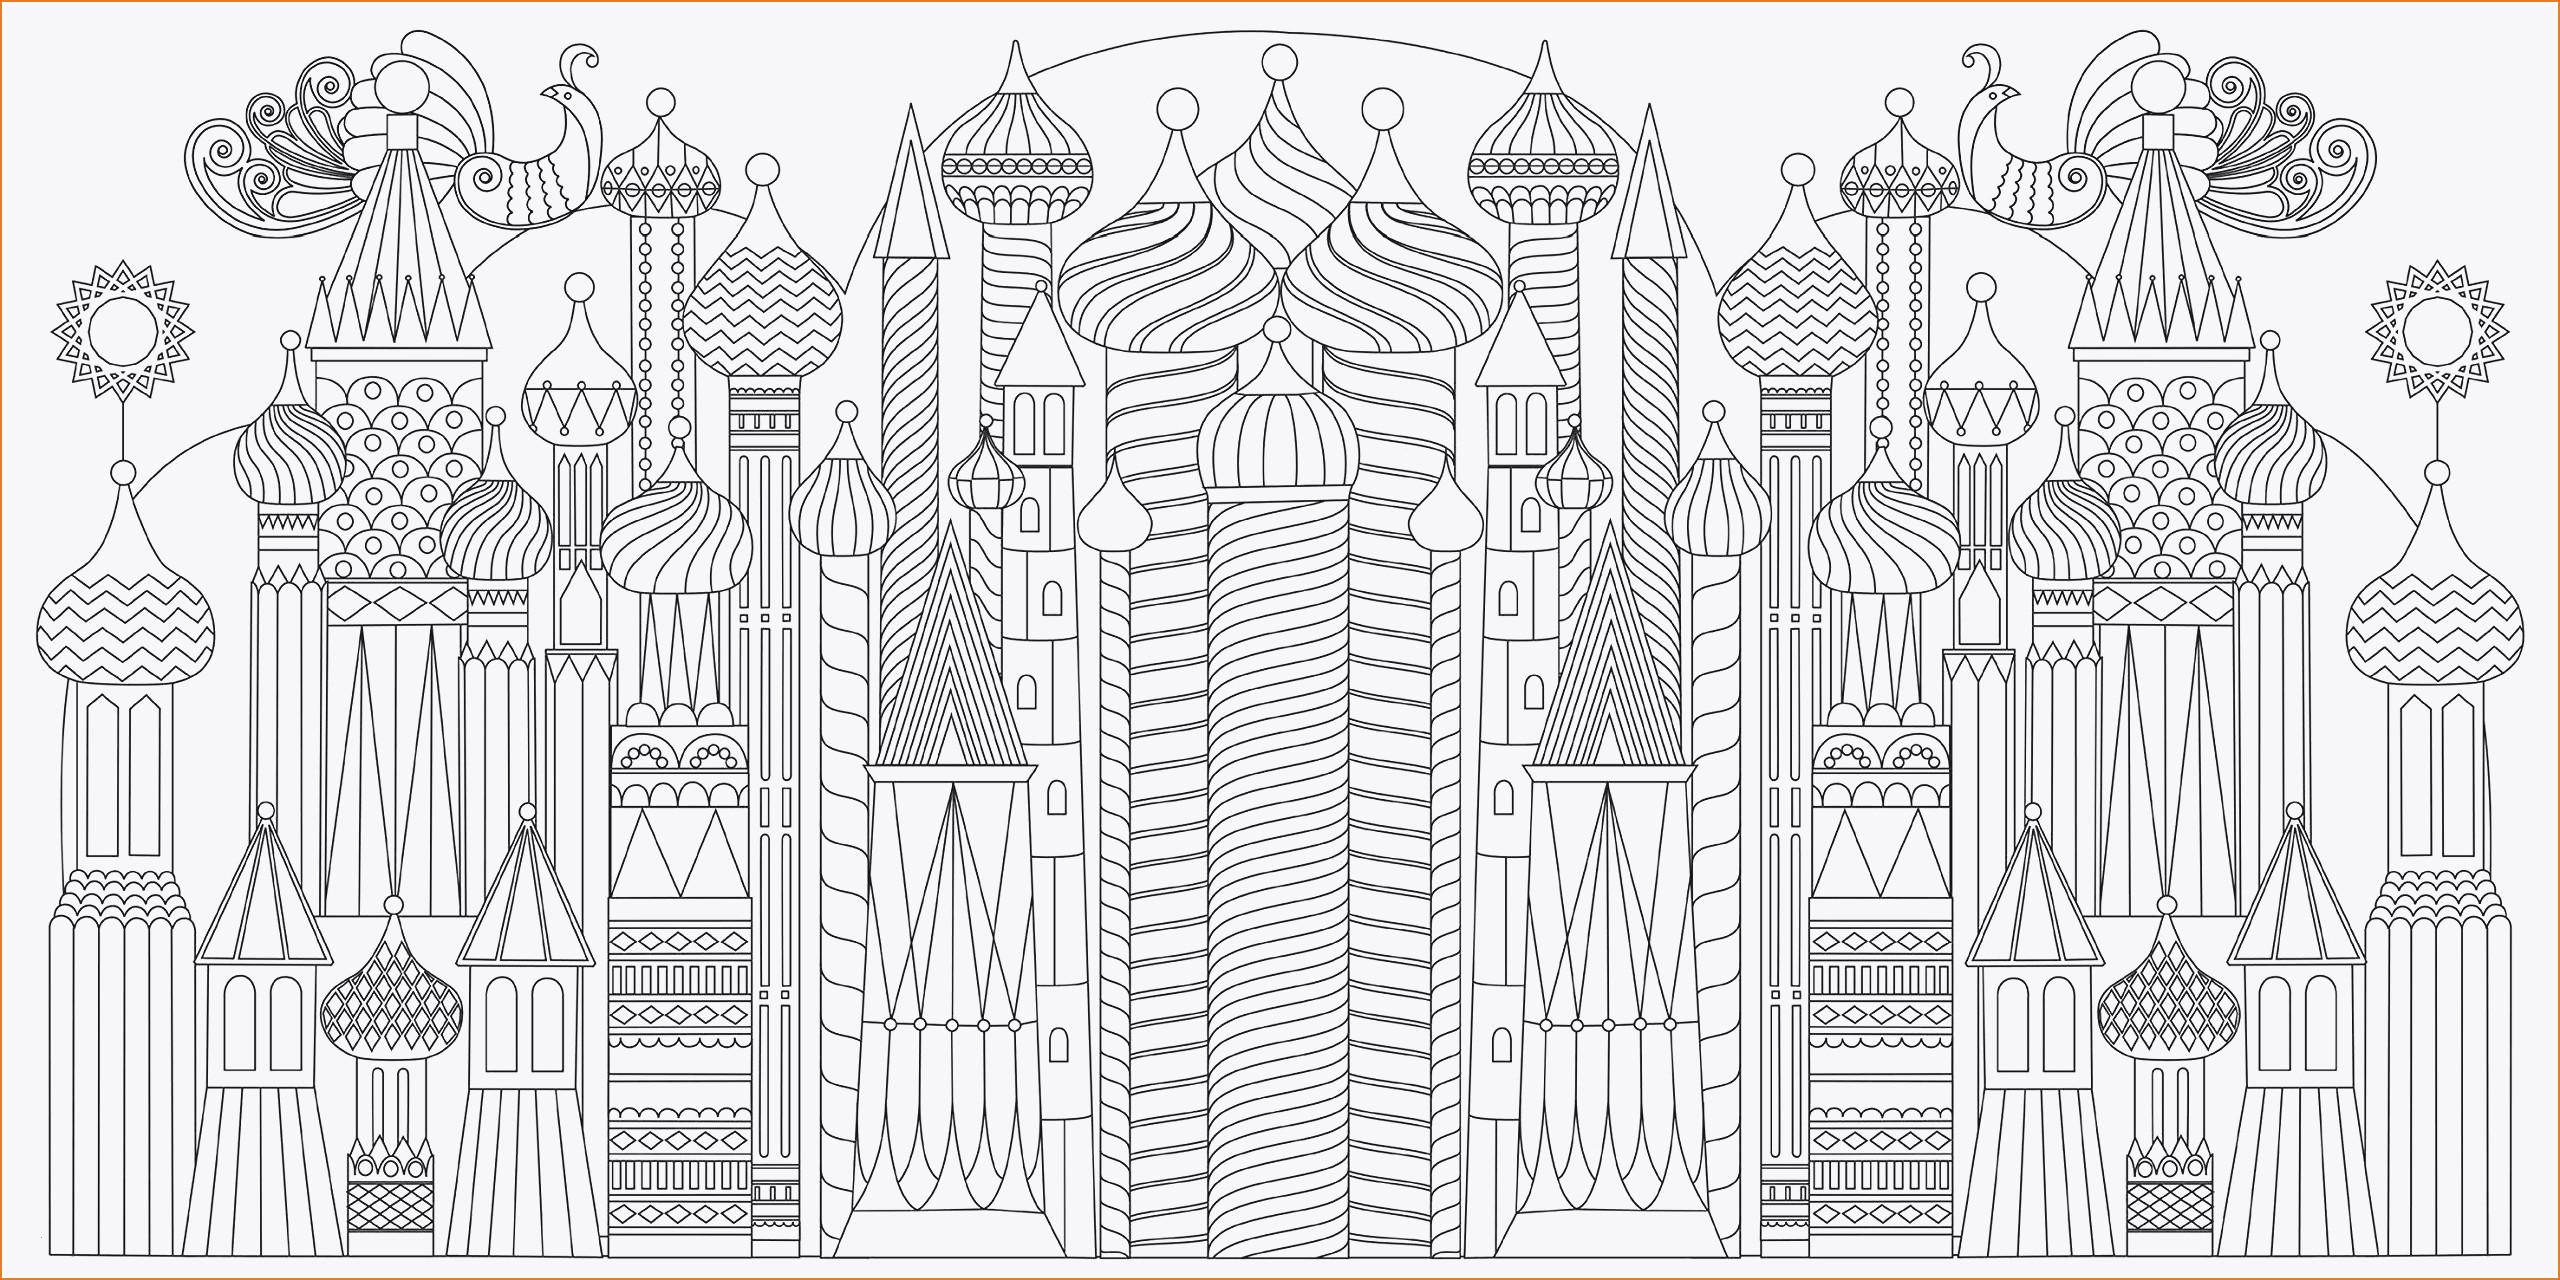 Shaun Das Schaf Ausmalbild Frisch Mario Ausmalbilder Zum Ausdrucken Luxus sonic Ausmalbilder Best Bild